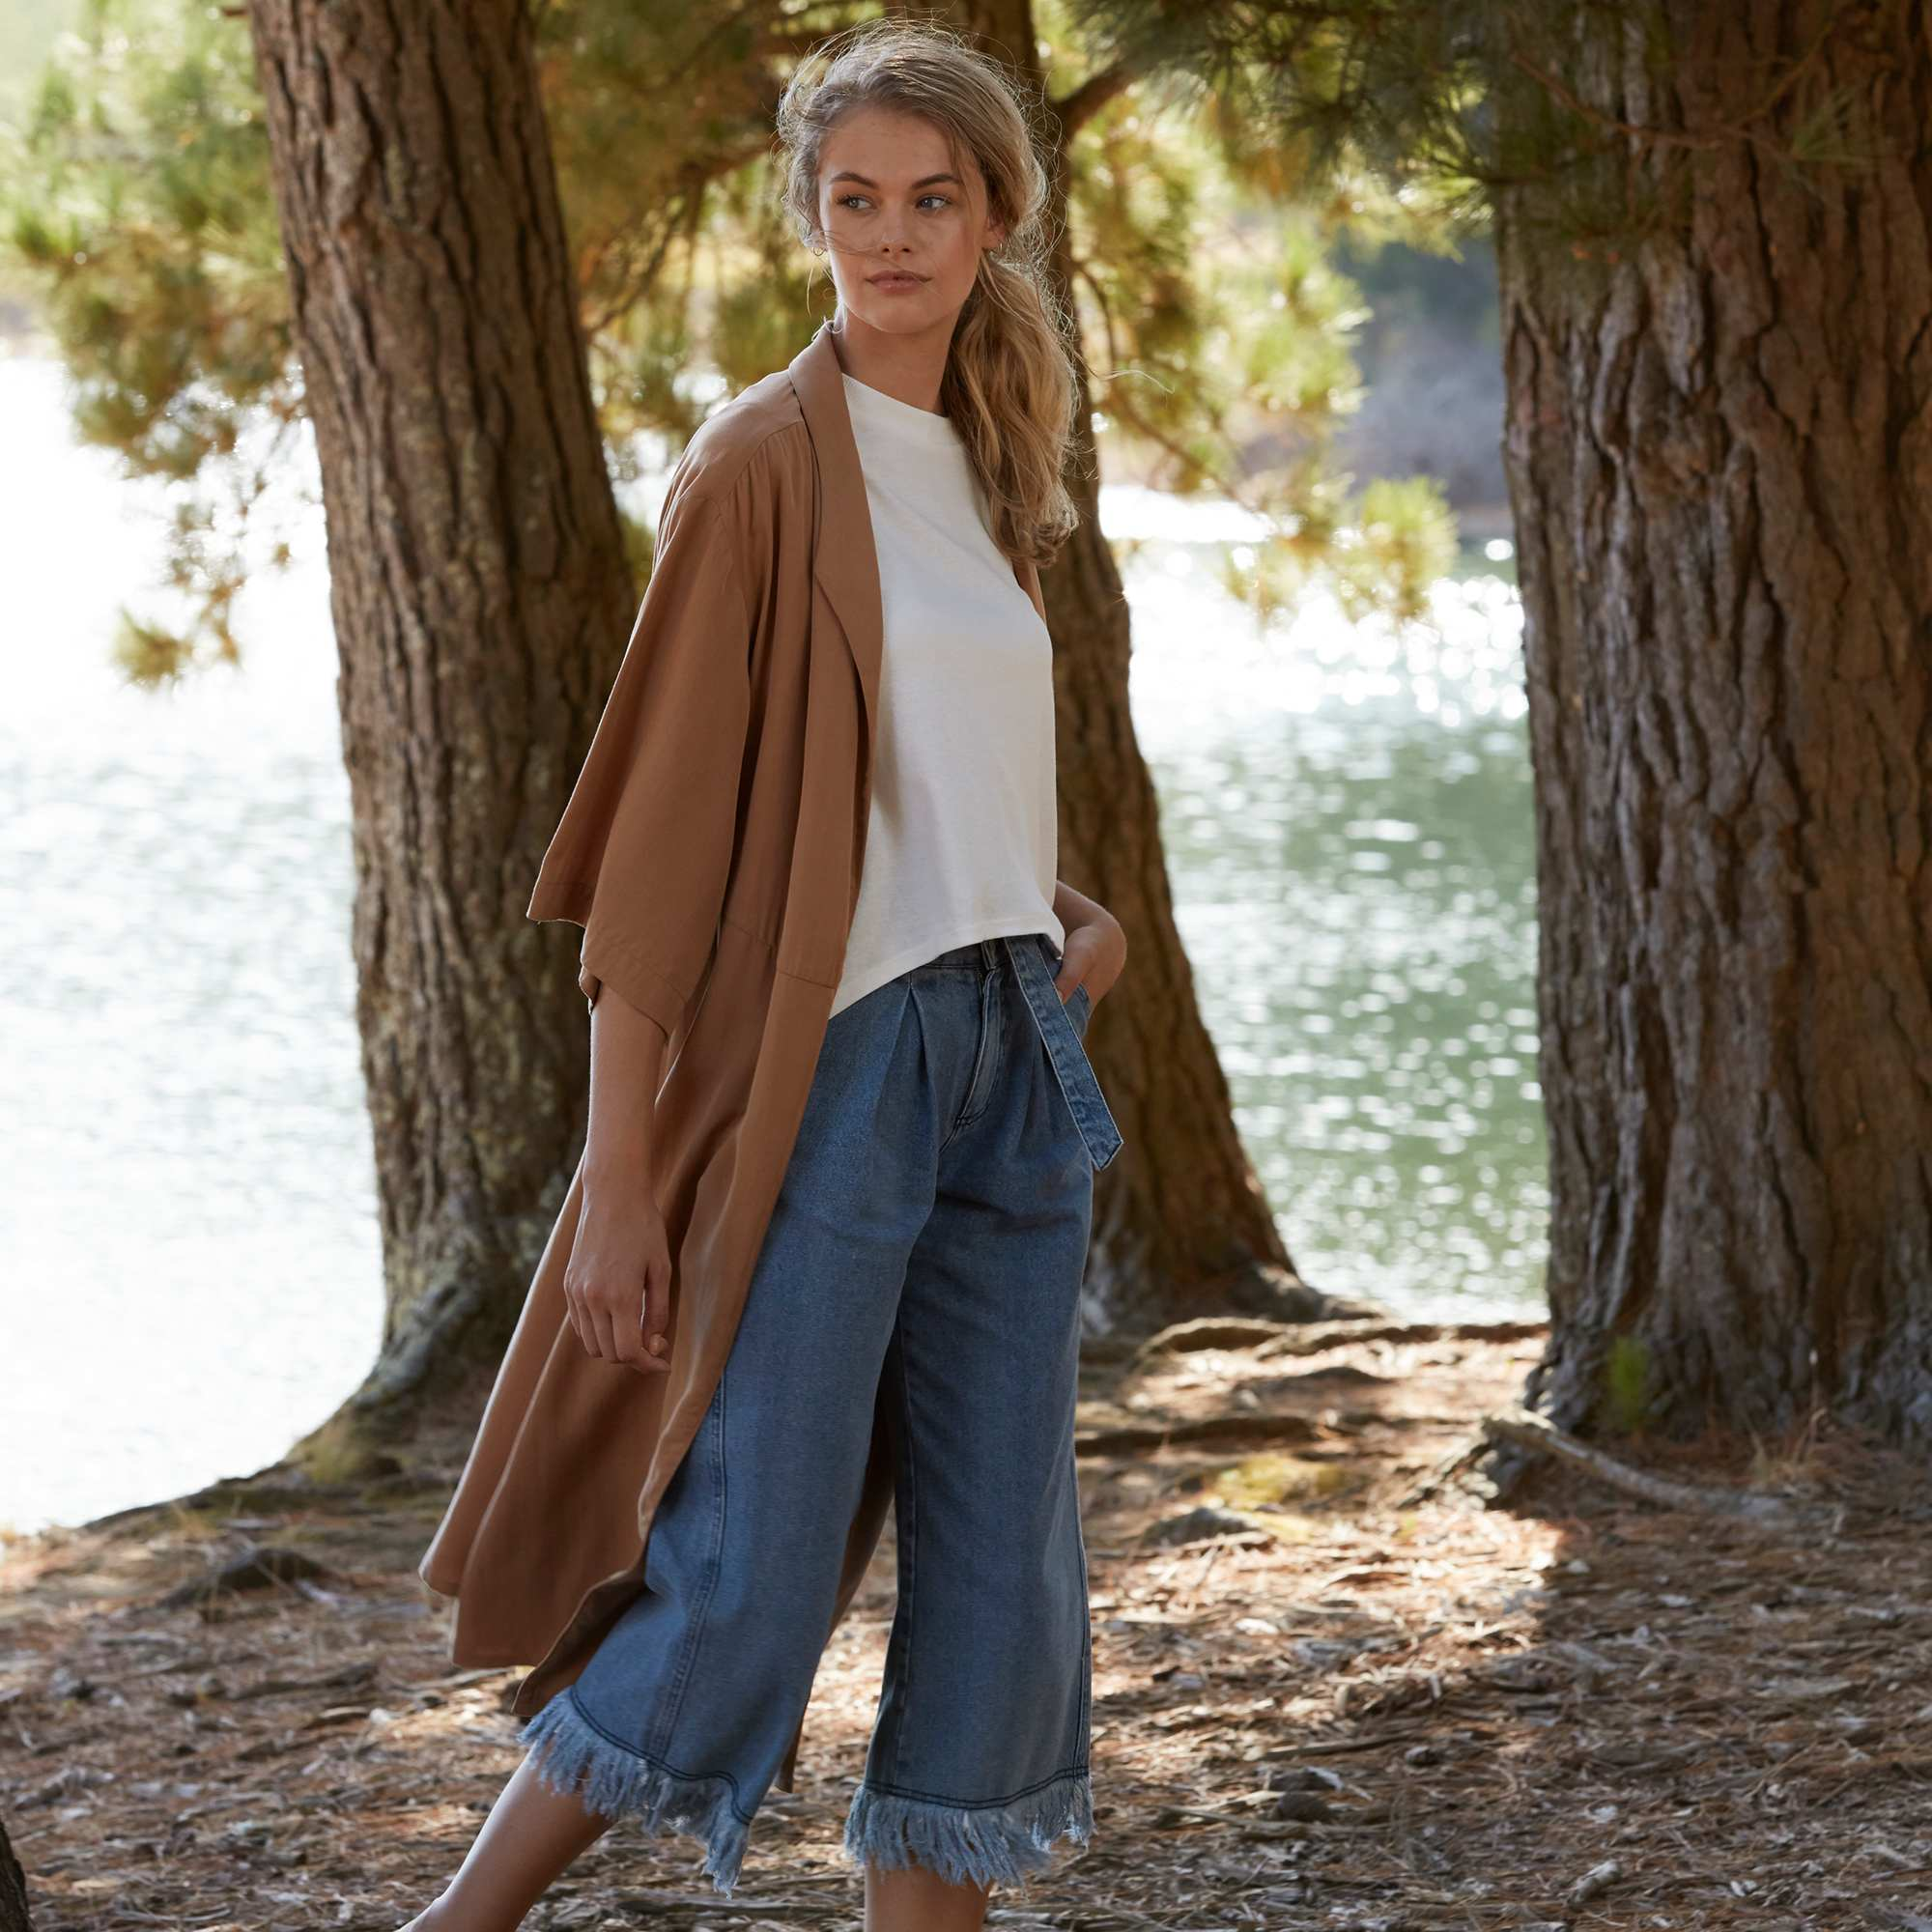 Couleur : beige, , ,, - Taille : XL, L, M,S,Avec cette nouvelle ligne, Kiabi s'engage avec style en développant sa gamme «